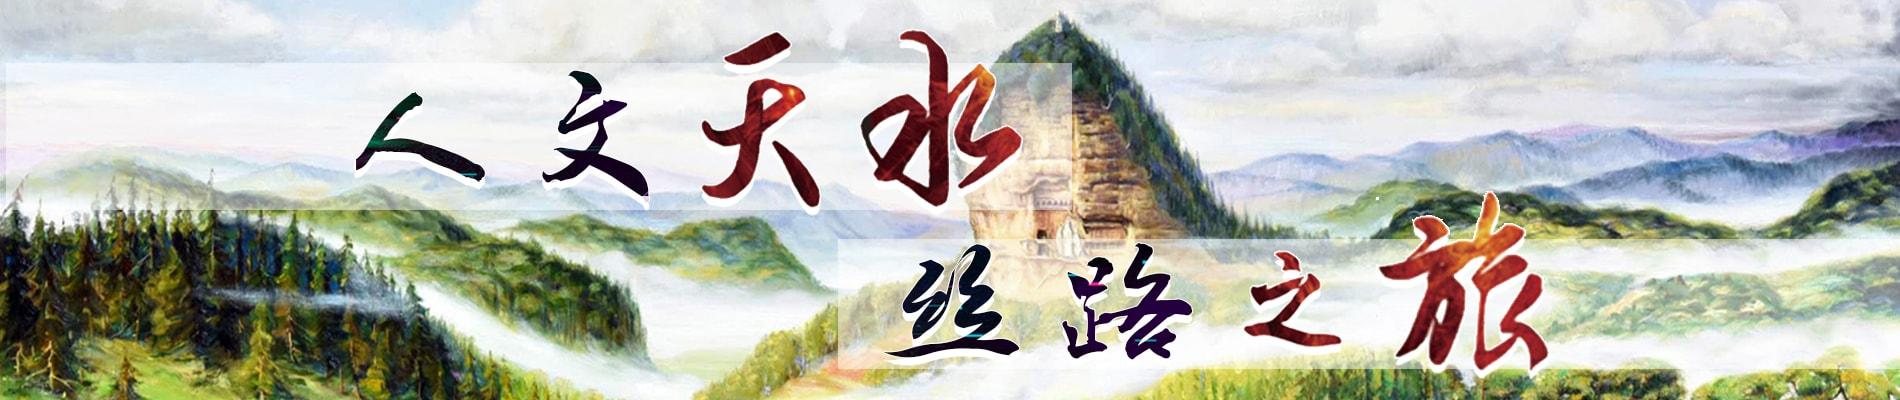 天水市文化和旅游局